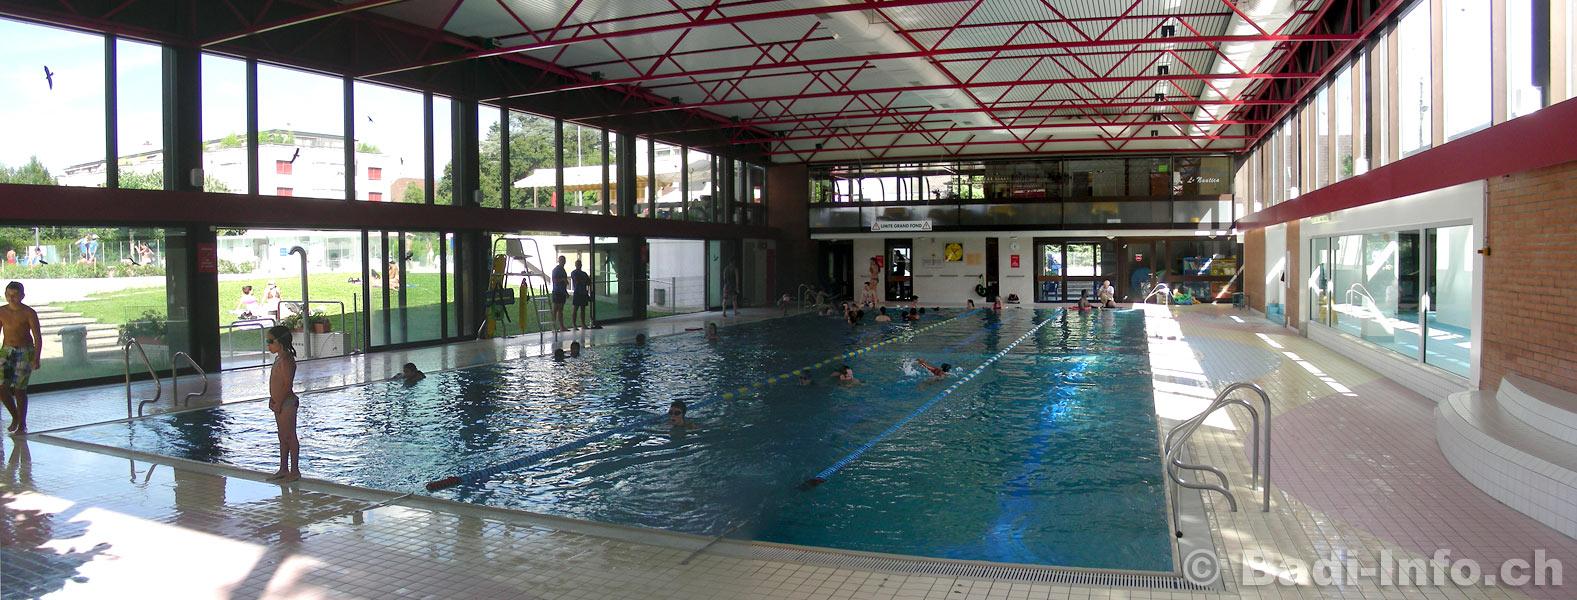 D coration piscine couverte geneve 72 calais piscine - Piscine couverte lyon ...